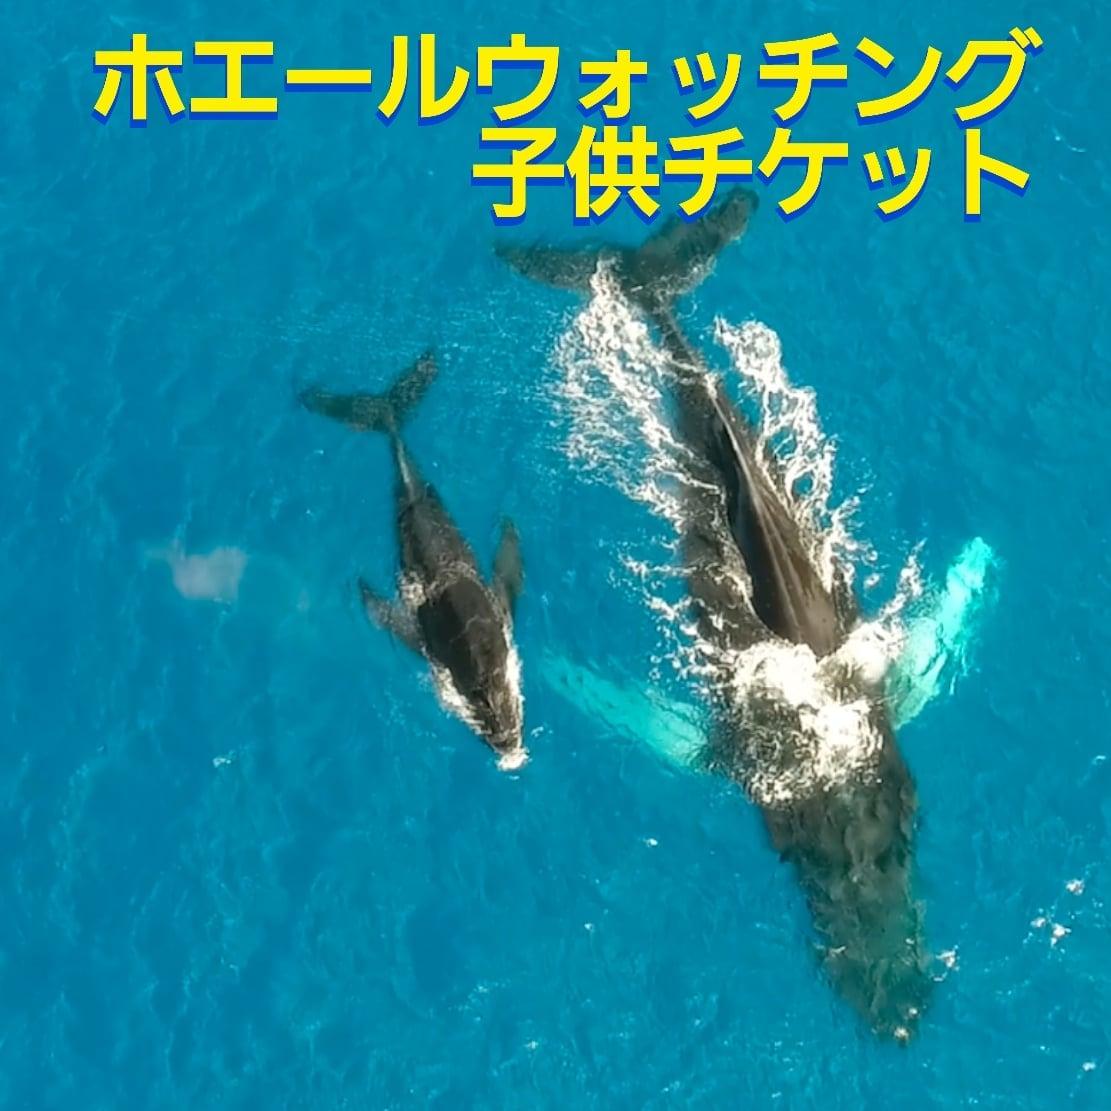 沖縄ホエールウォッチング子供チケットのイメージその1